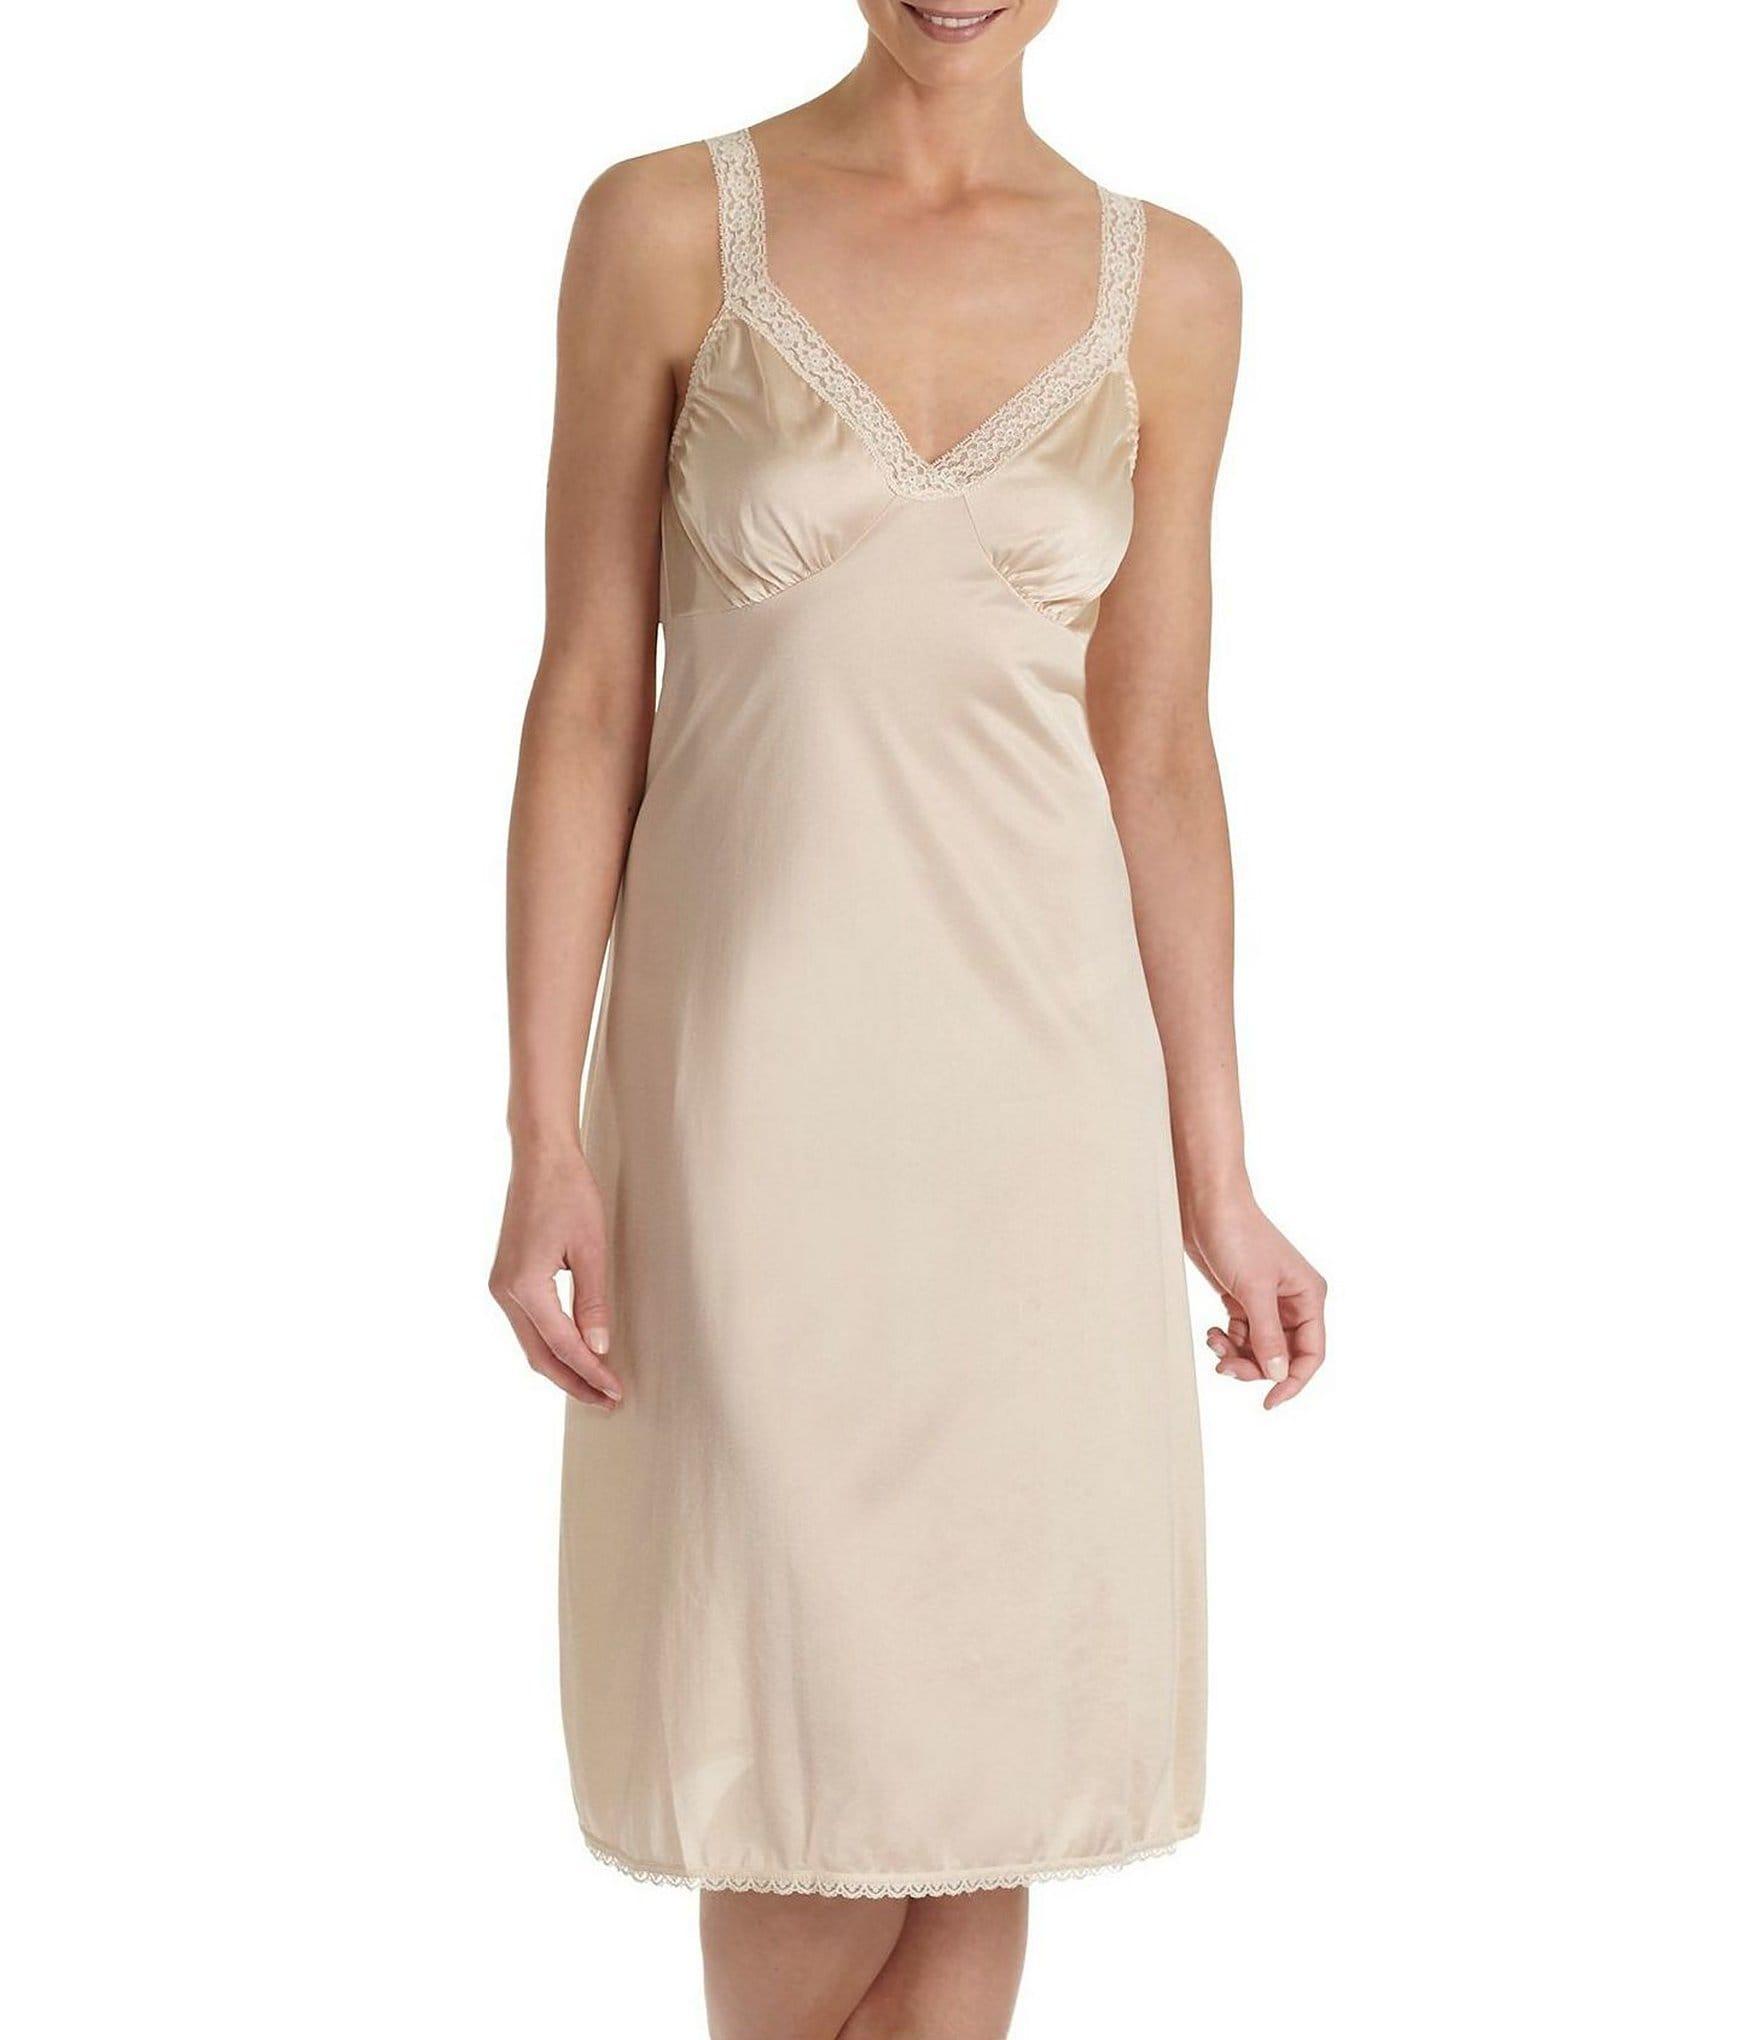 Navy Lace Tank Dress